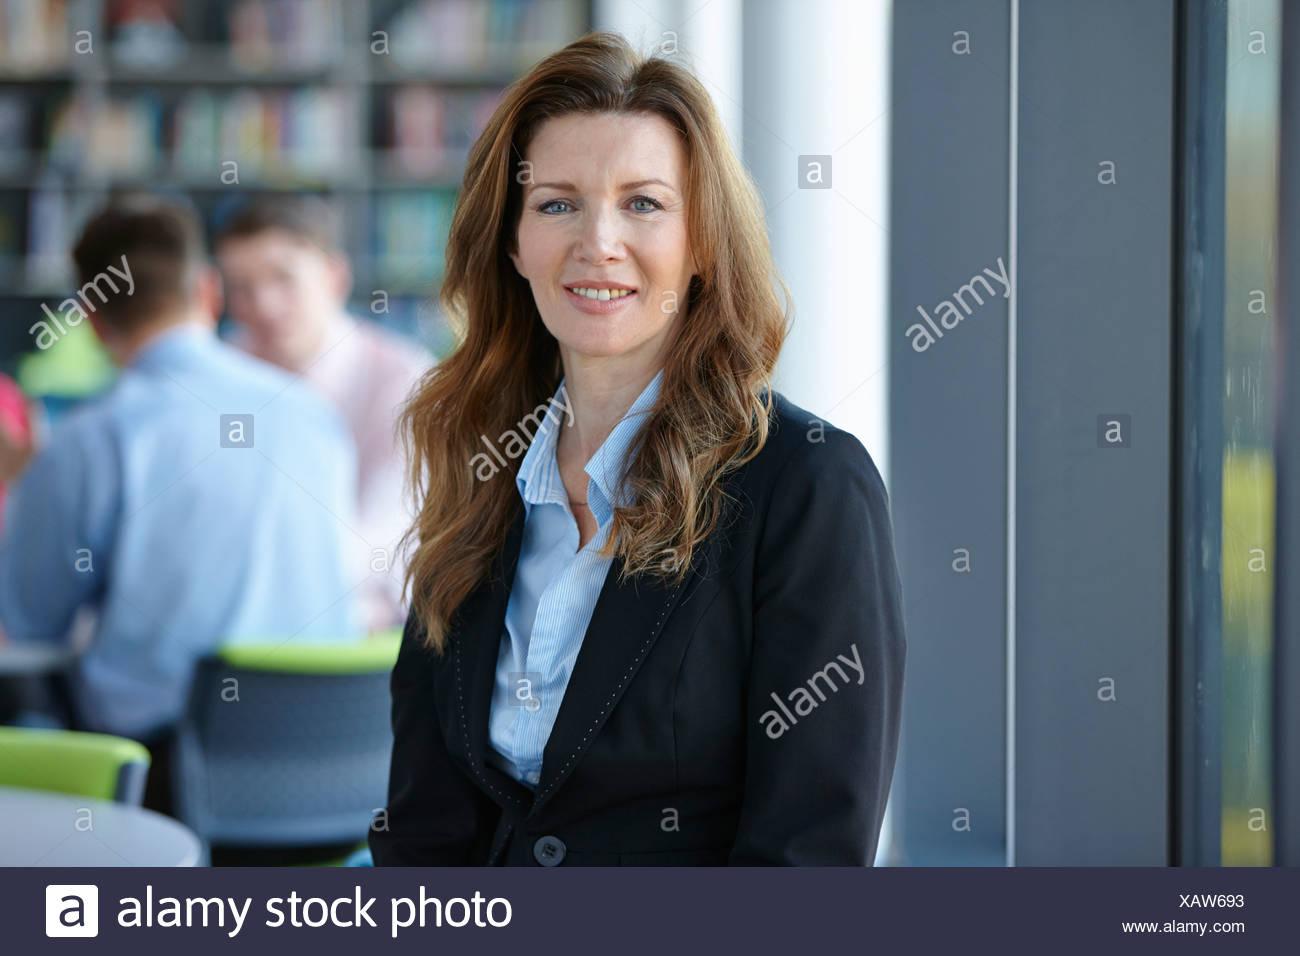 Porträt von Reife Geschäftsfrau mit langen Haaren Stockbild